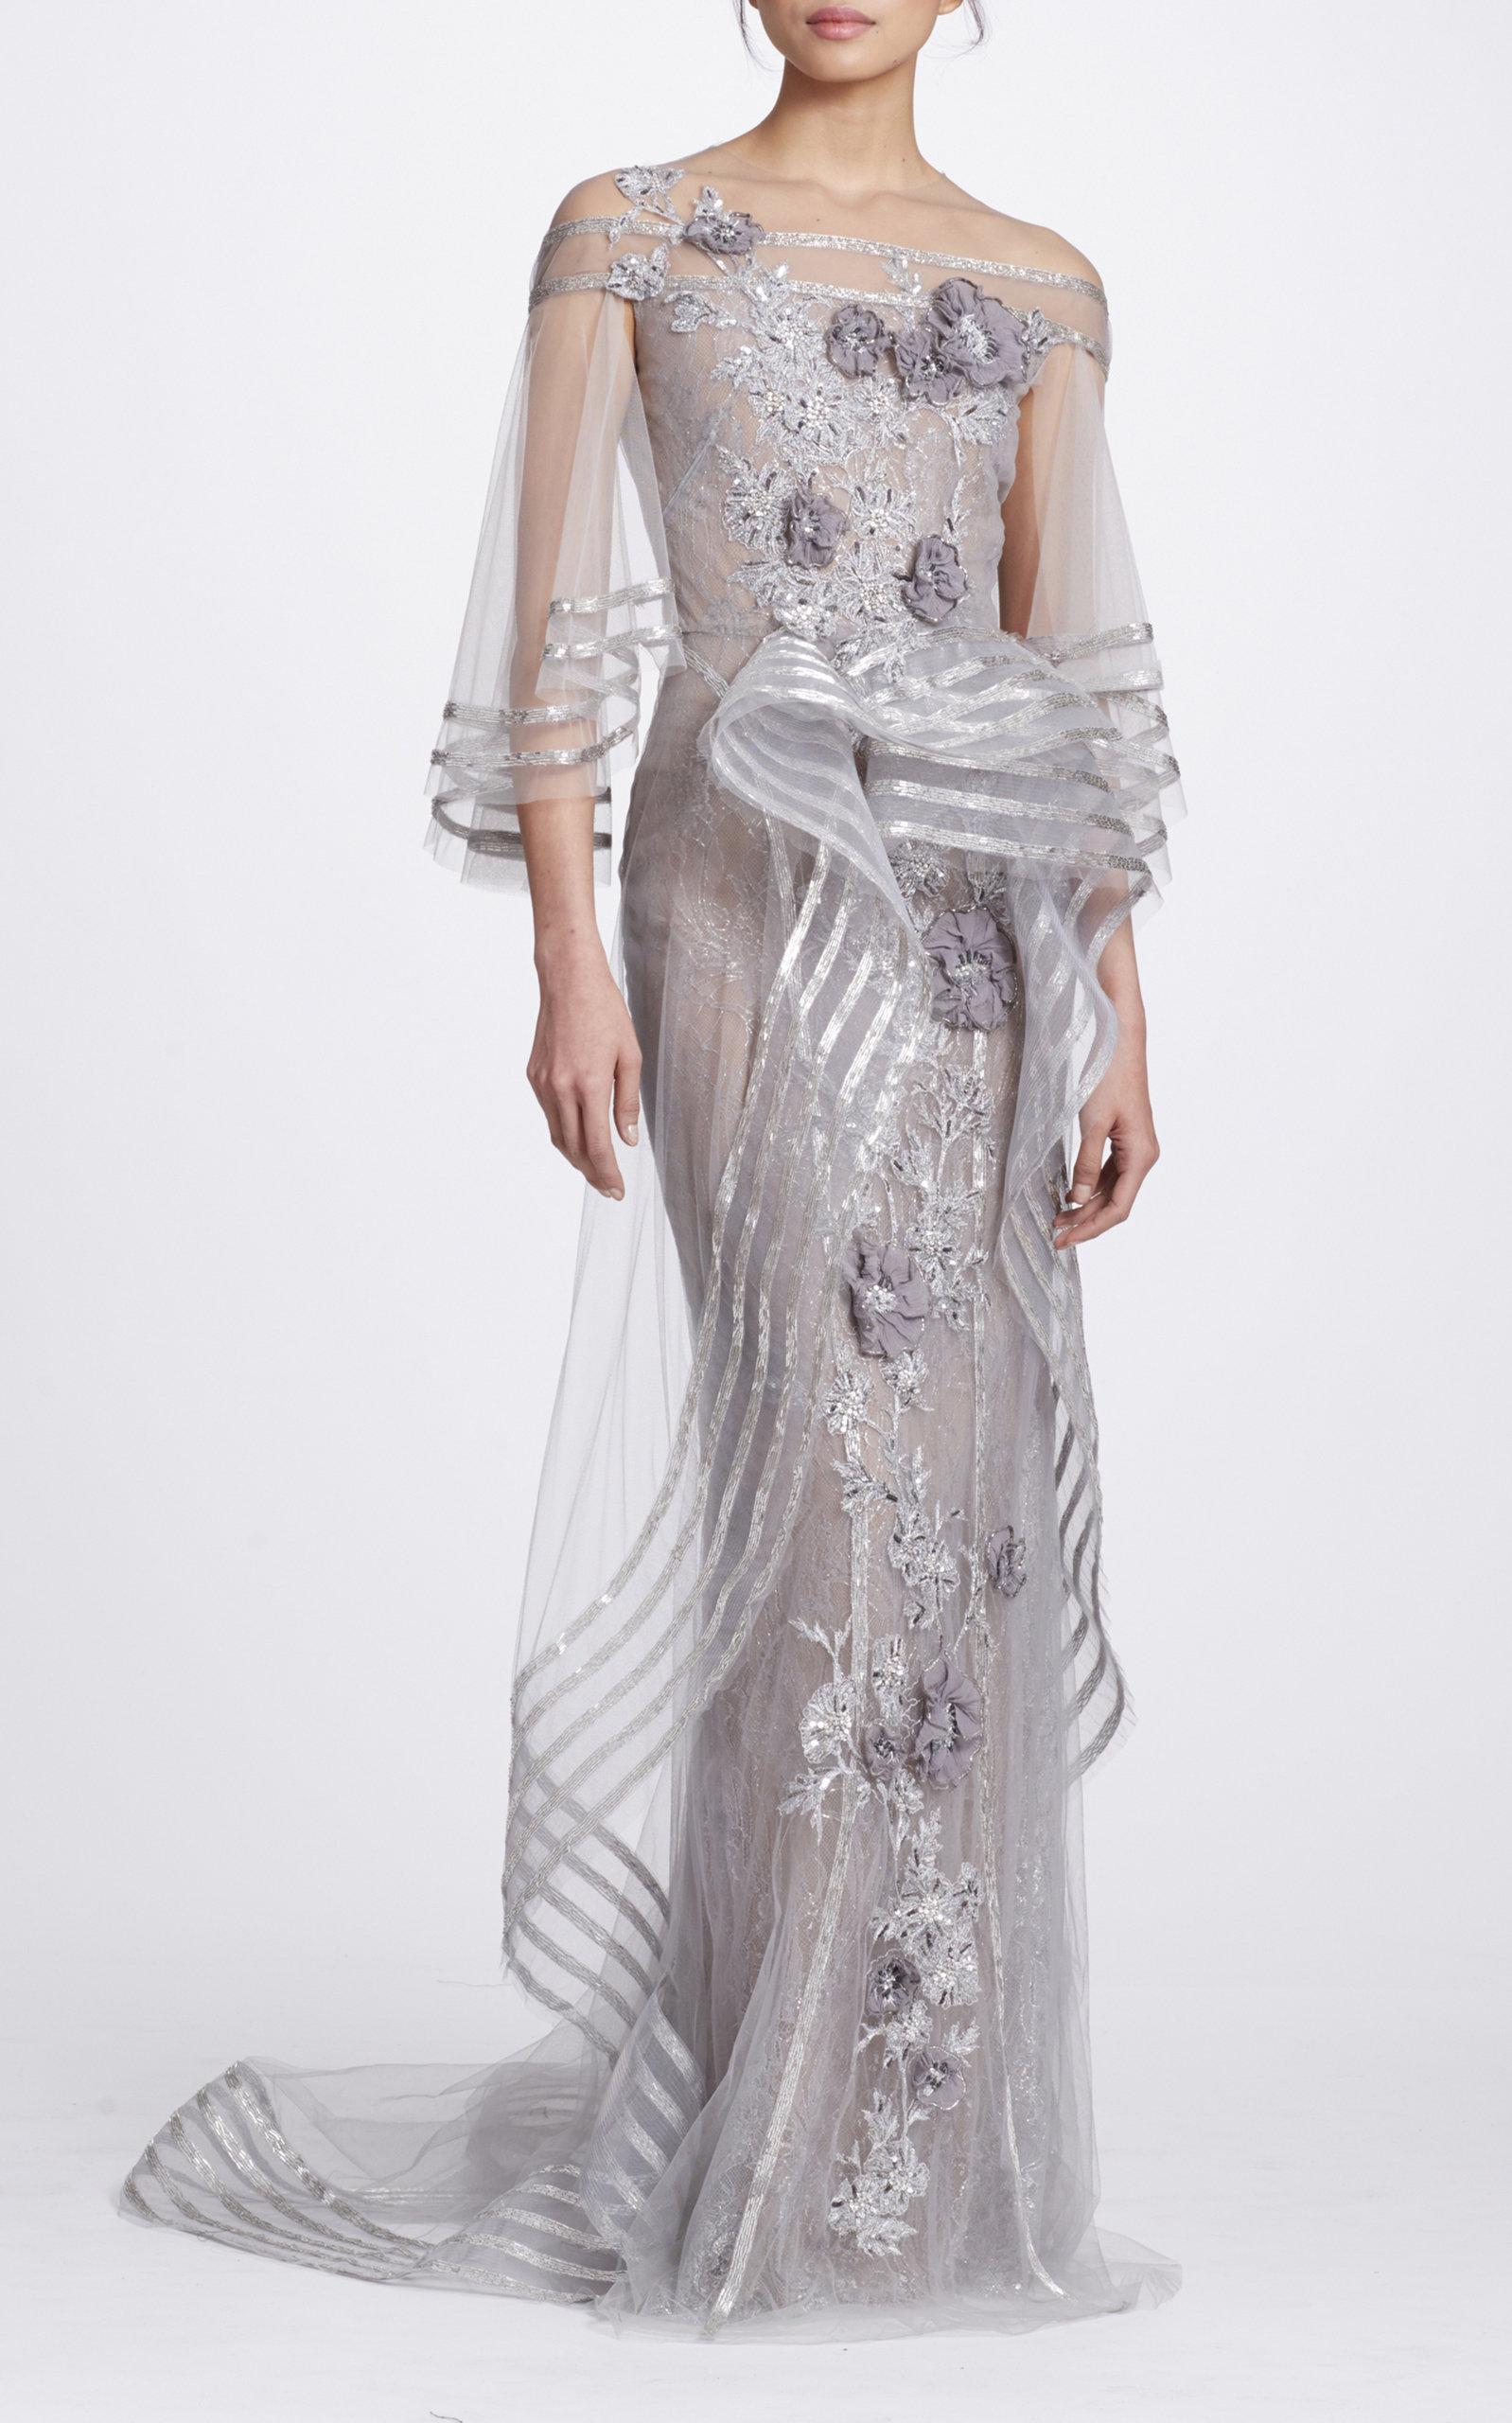 c92dab36 MarchesaMetallic Floral-Appliqué Tulle Gown. CLOSE. Loading. Loading.  Loading. Loading. Loading